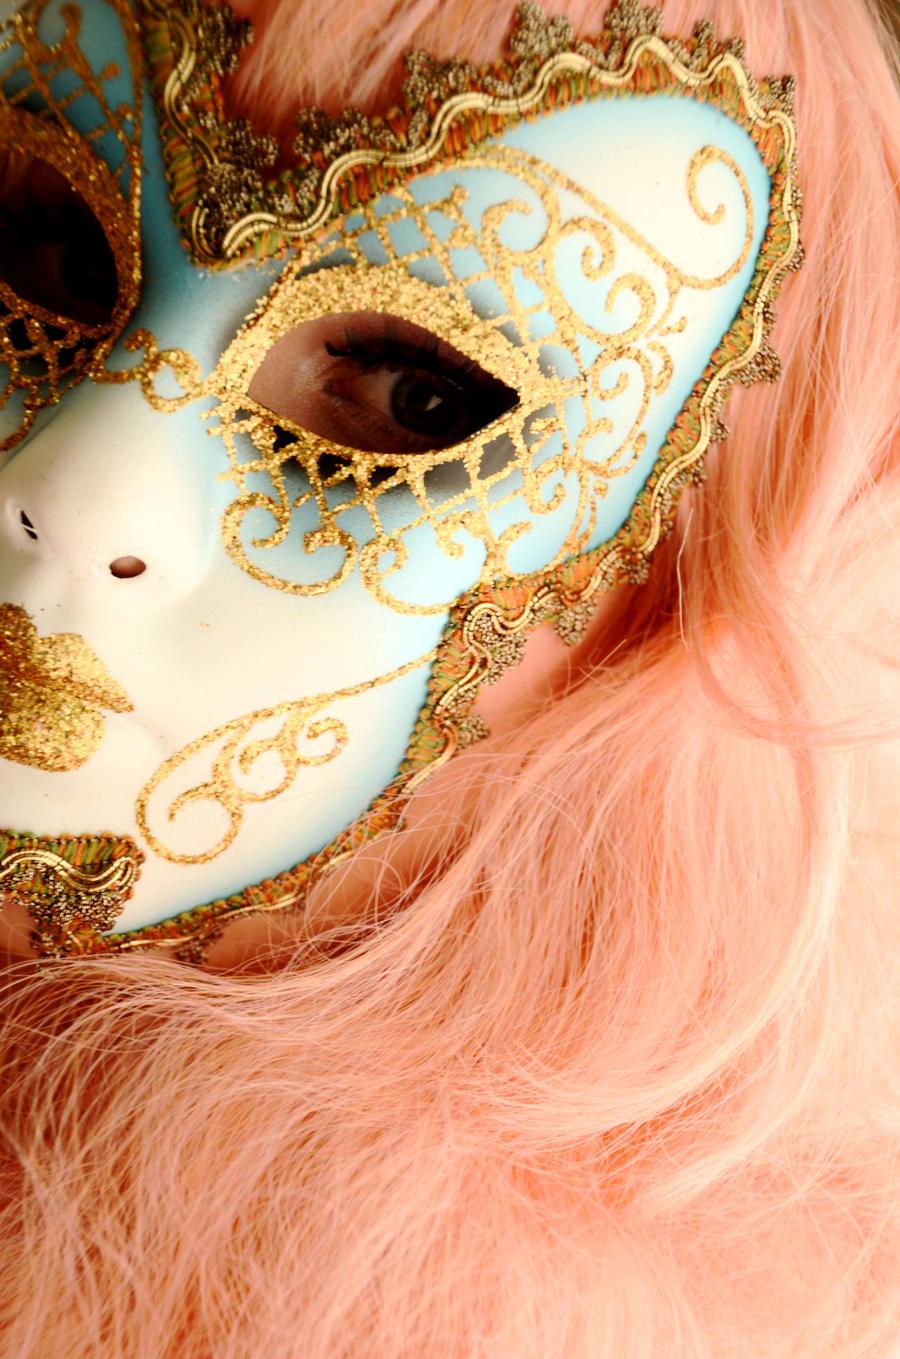 Venetian mask by Kifia